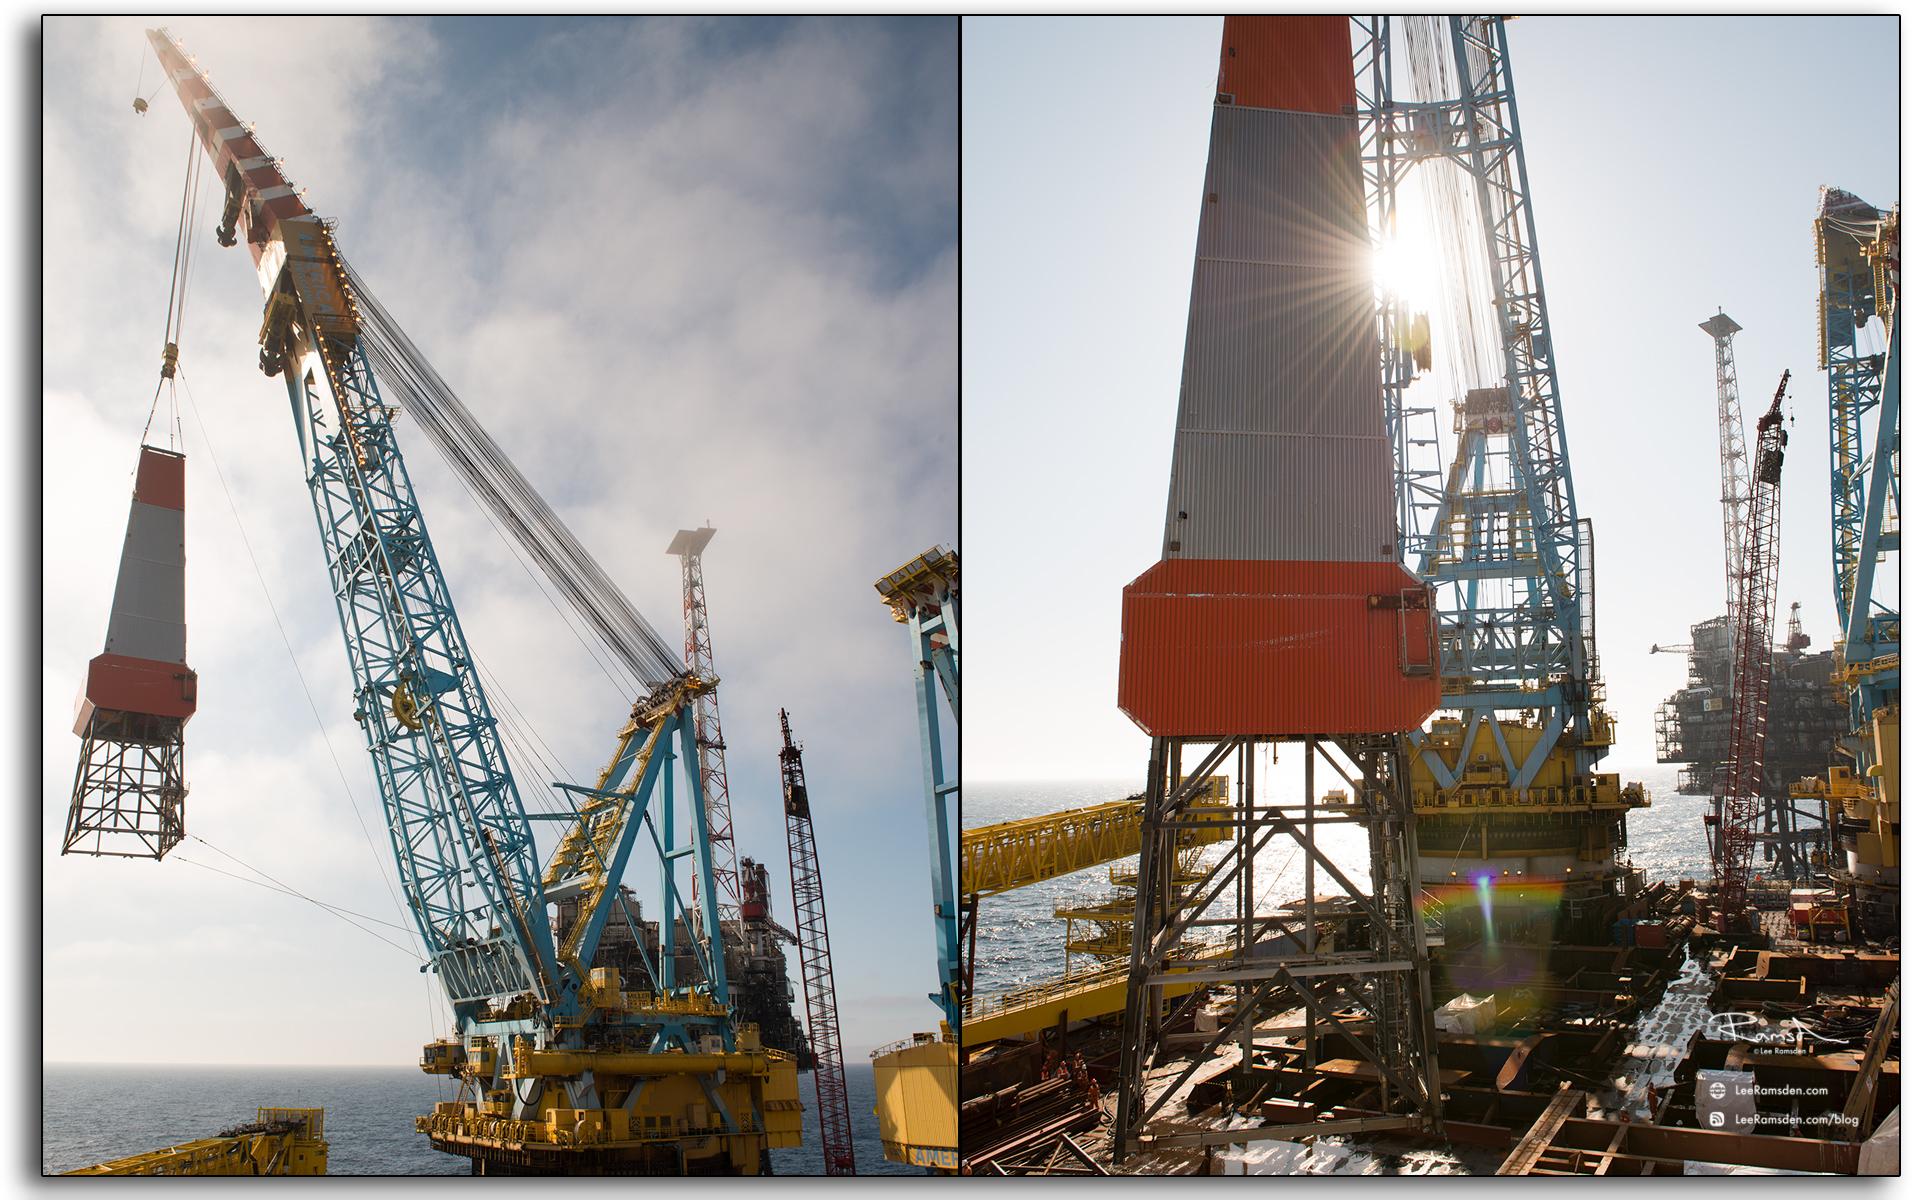 derrick, removal, heavy lift, Saipem, Petrofac, BP, S7000